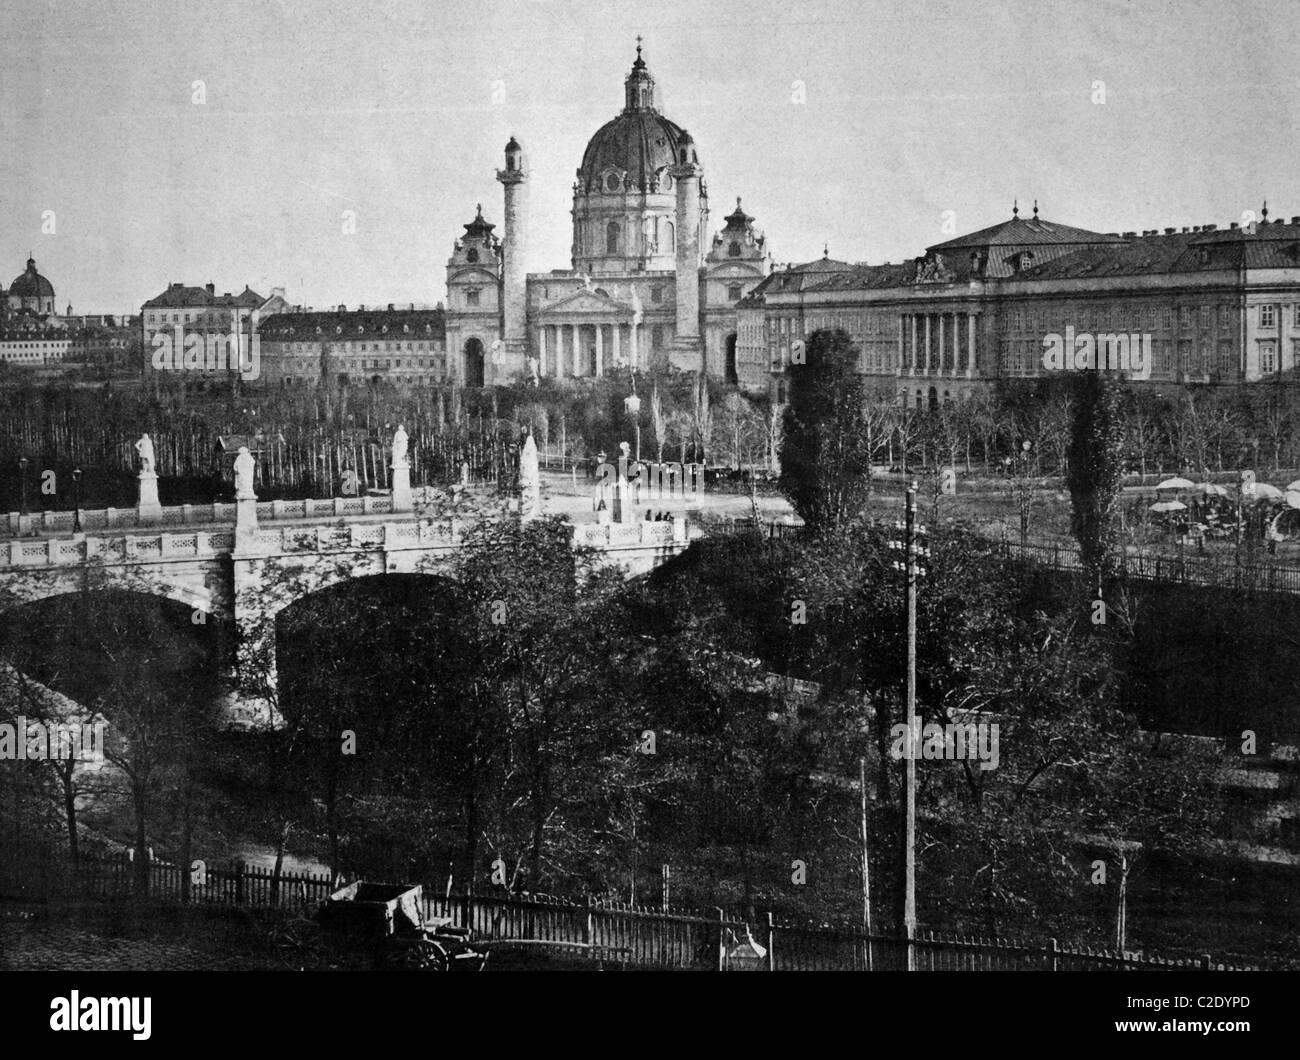 Eines der ersten Autotypen Elisabethplatz-Platz, Wien, Österreich, historische Fotos, 1884 Stockbild